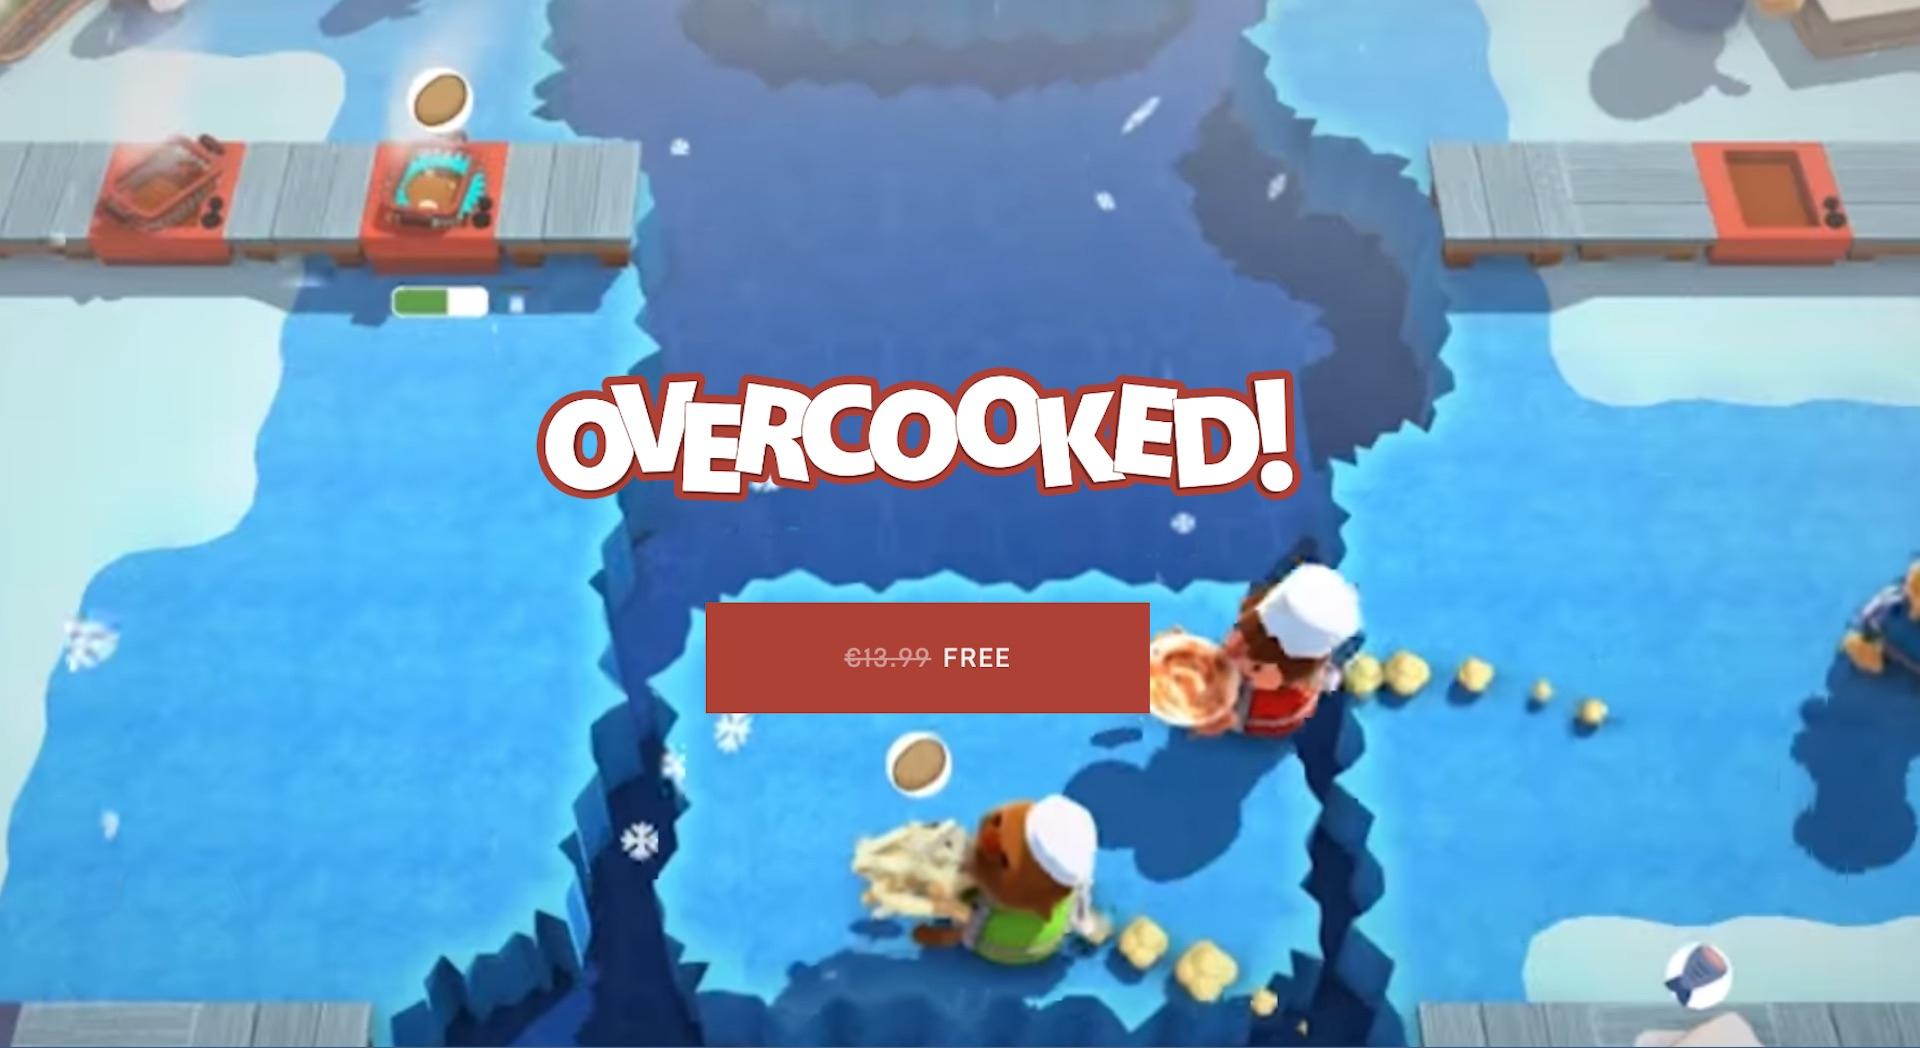 Overcooked Est Temporairement Gratuit : Foncez Télécharger pour Jeux Video En Ligne Gratuit Sans Téléchargement